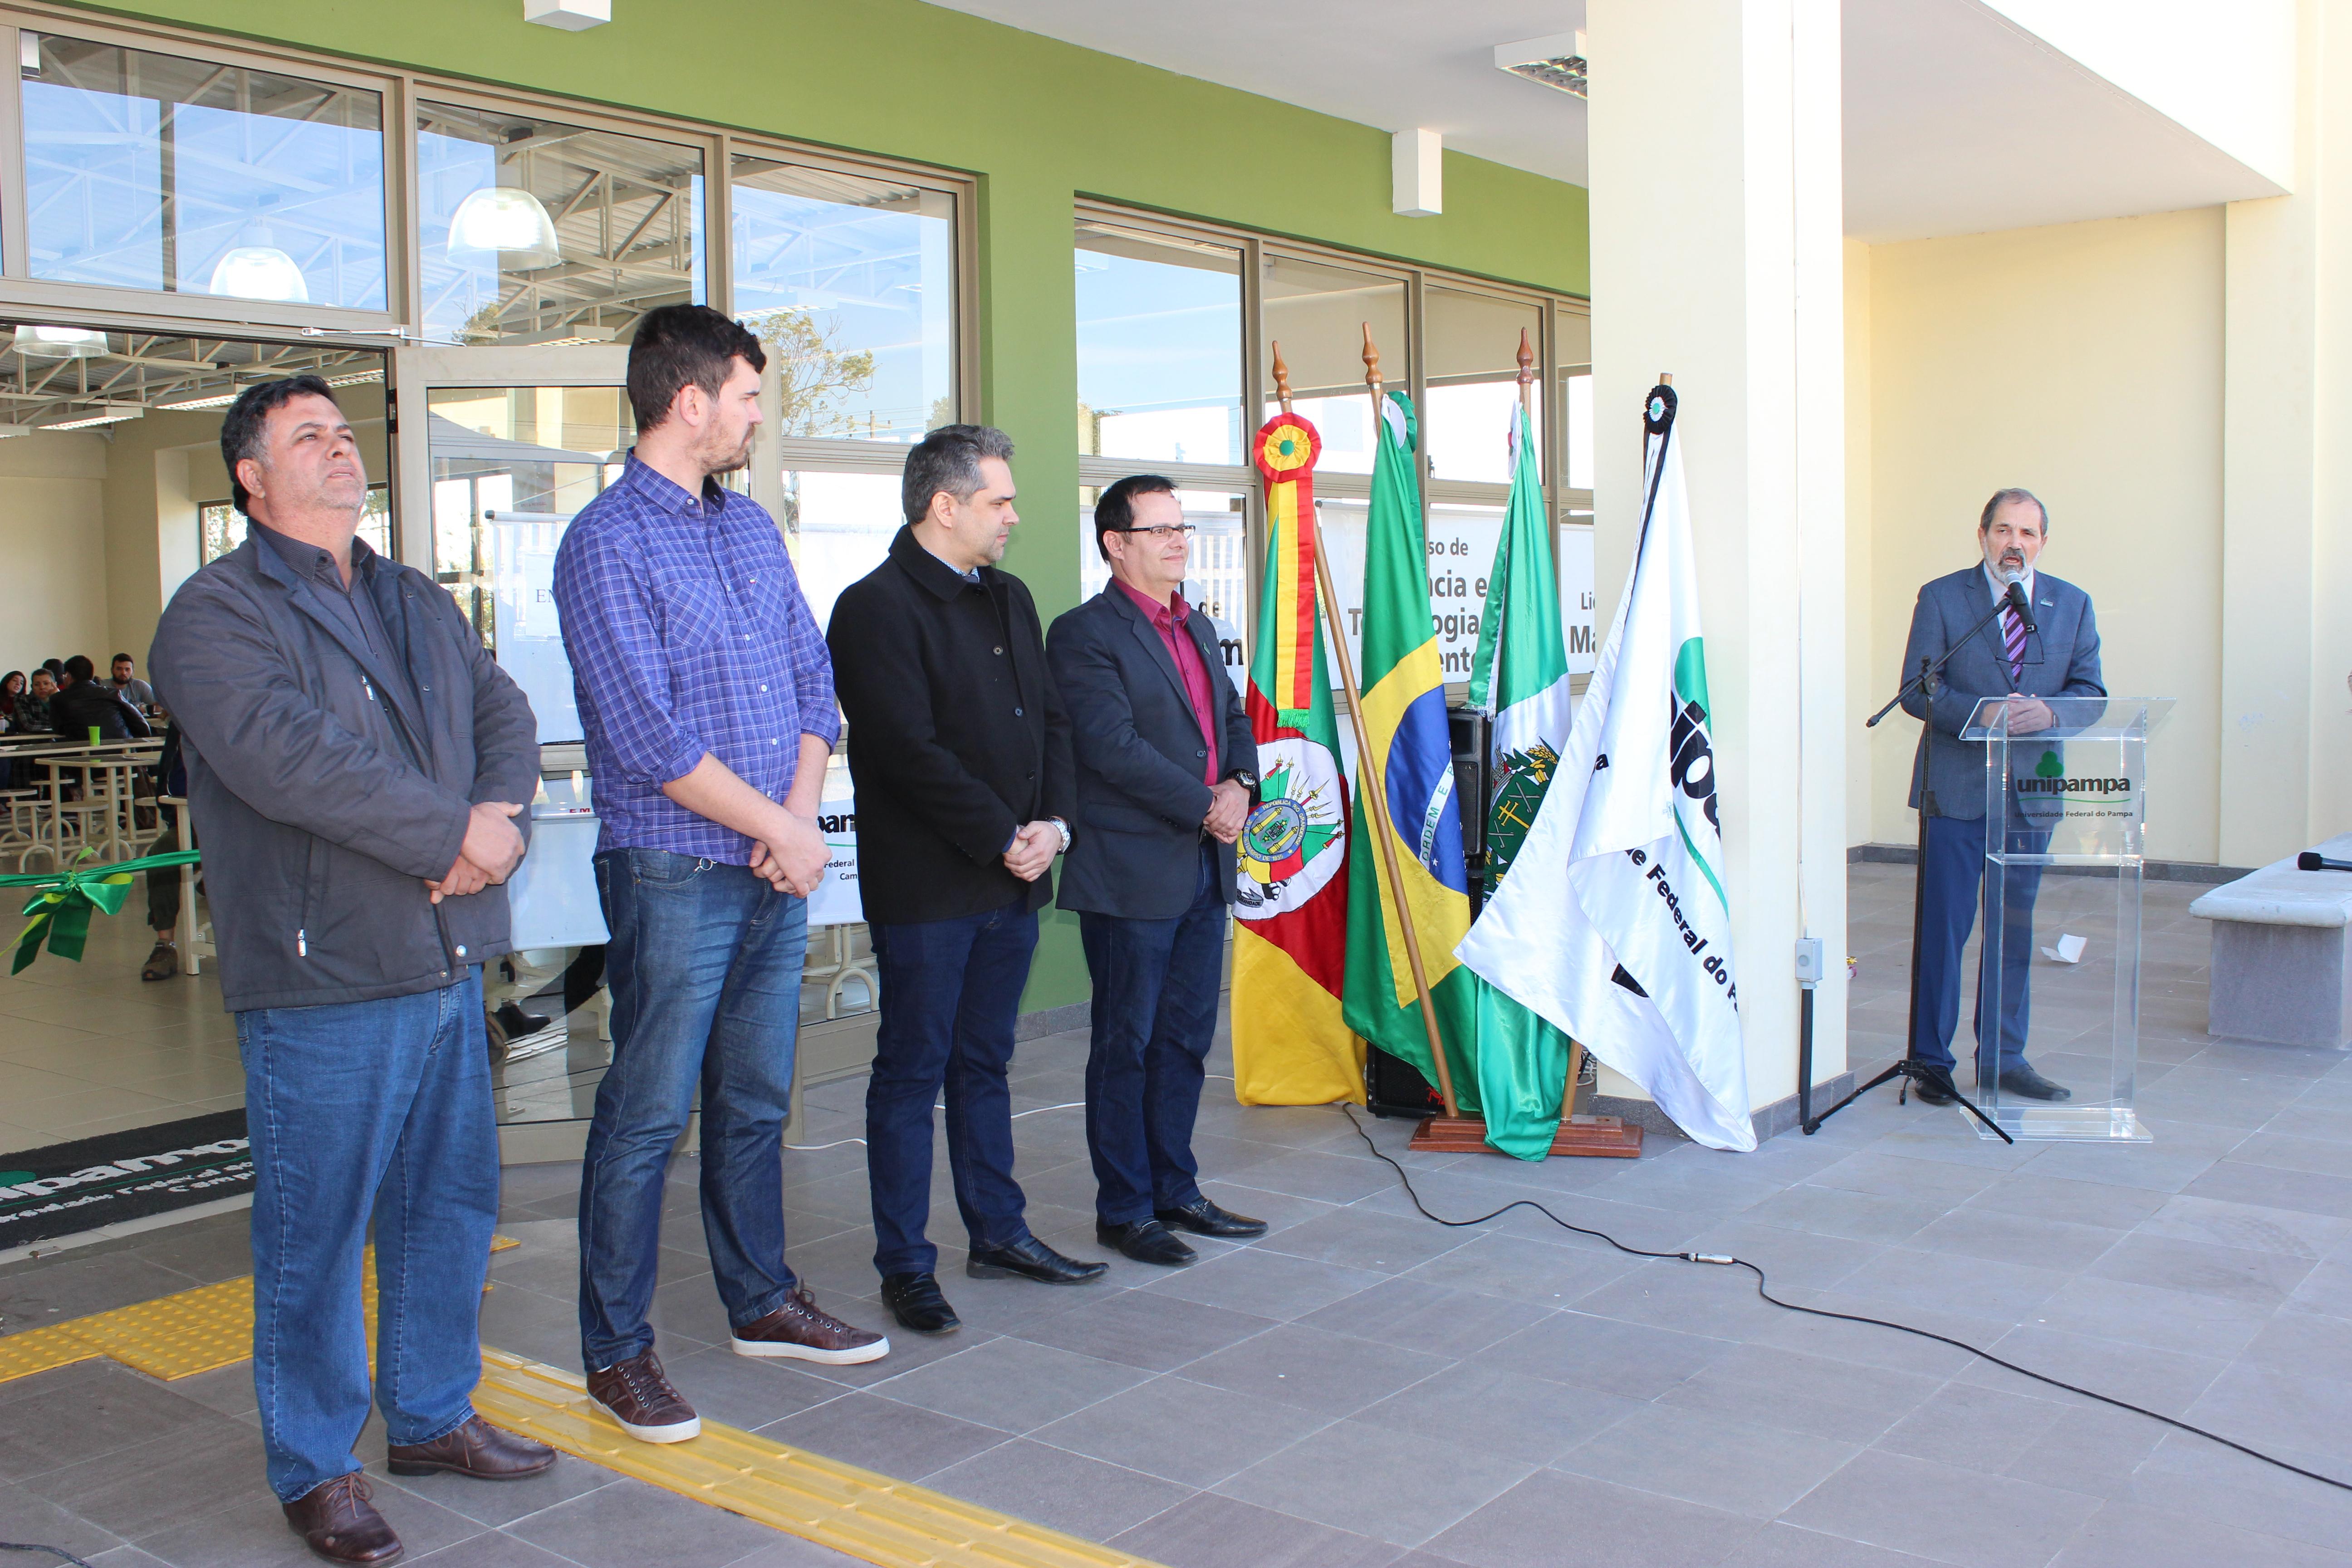 Reitor fazendo fala no evento de inauguração do RU Itaqui juntamente com outras autoridades.